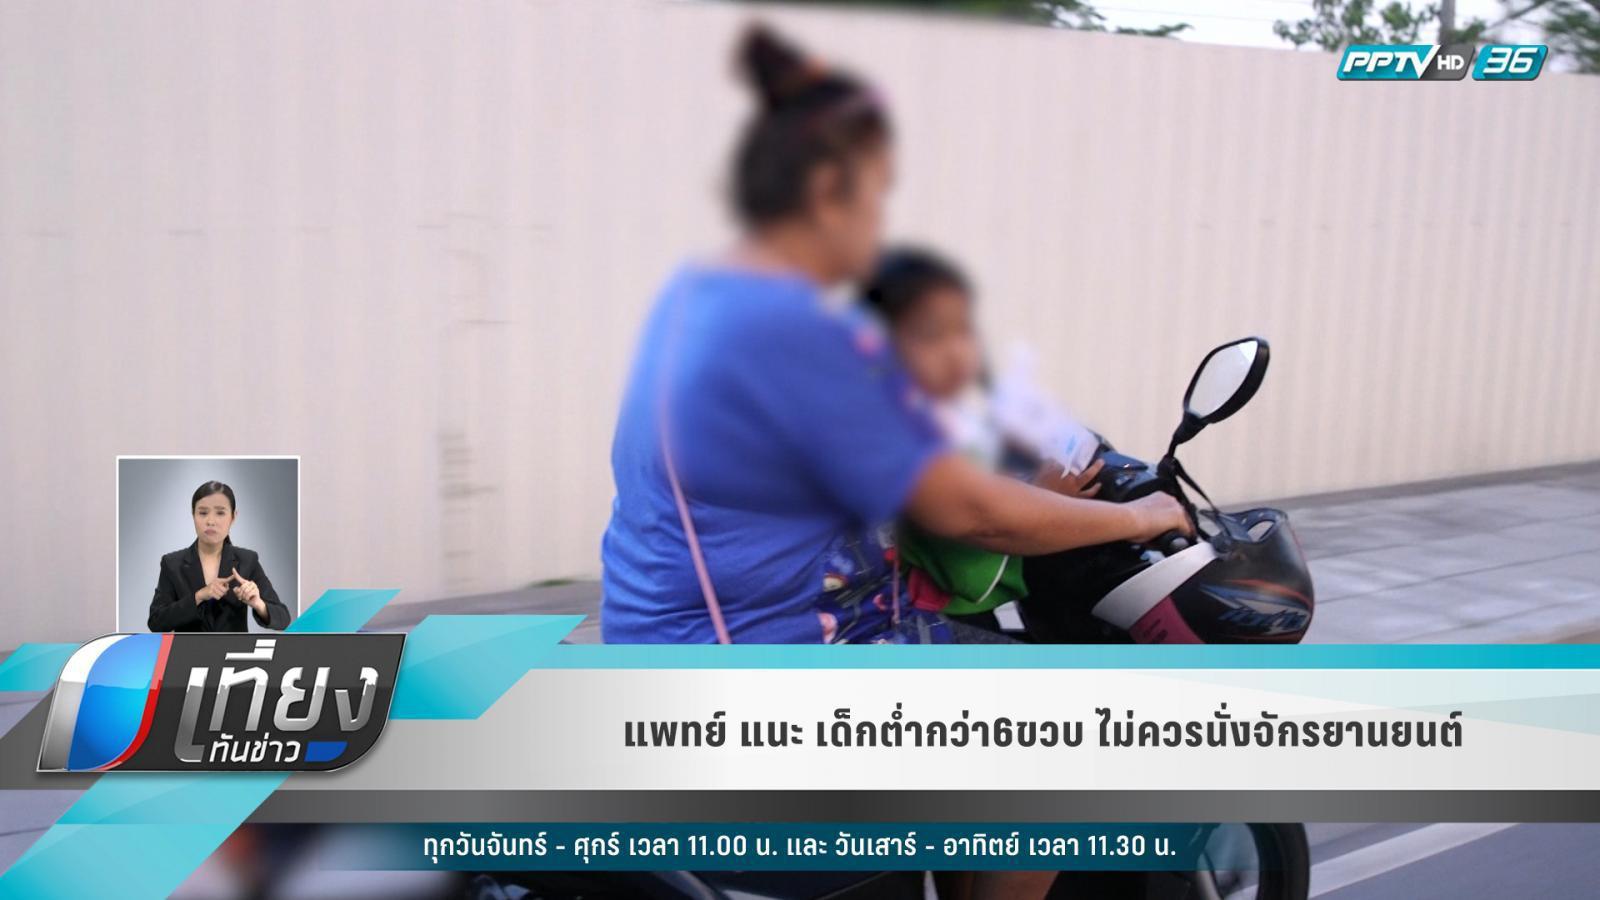 """งานวิจัยแพทย์ ชี้ """"เด็กต่ำกว่า 6 ขวบ ไม่ควรนั่งจักรยานยนต์"""""""